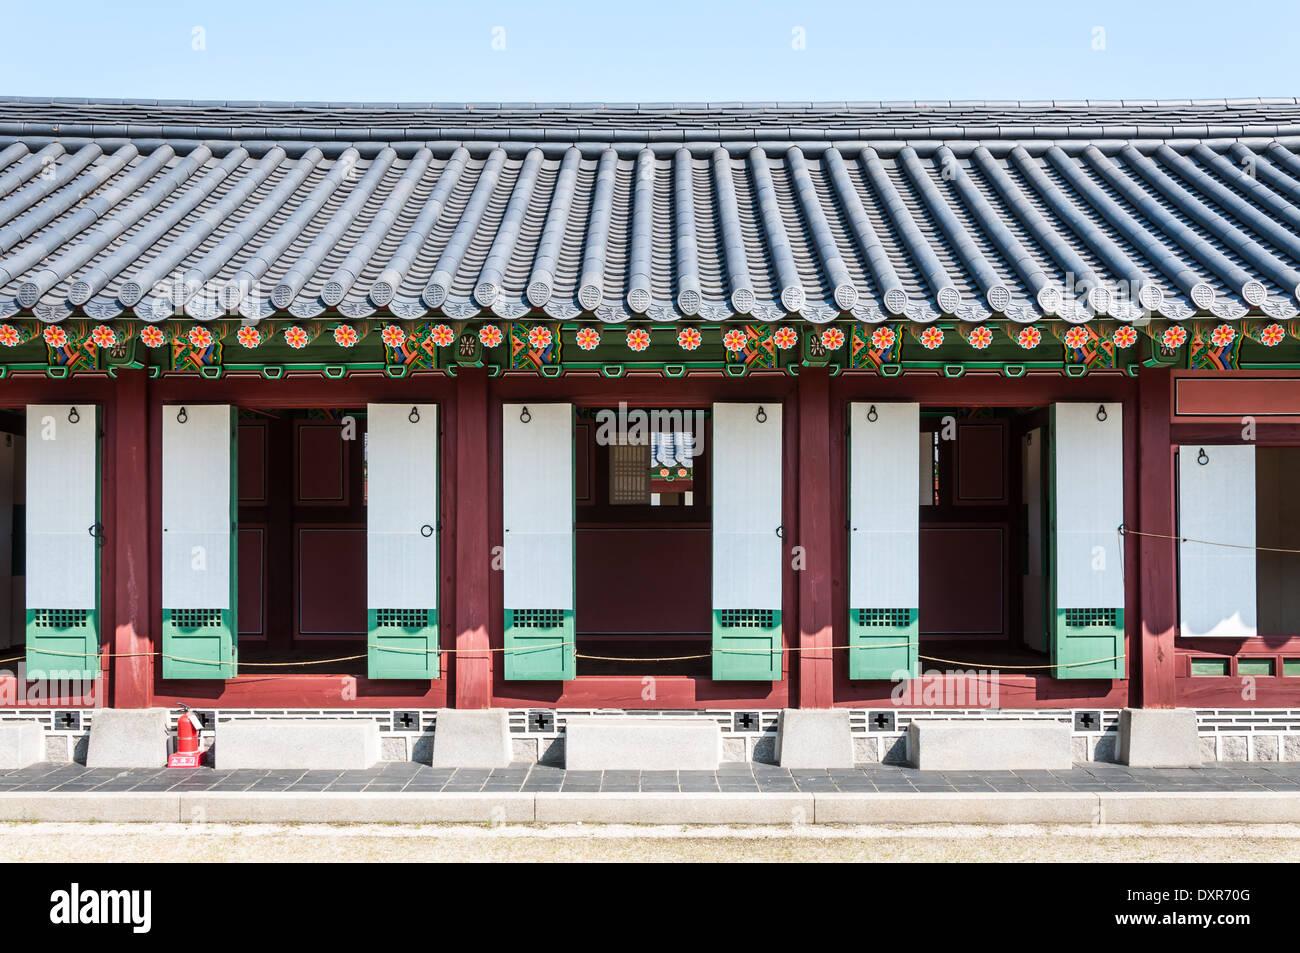 Tradizionale architettura Coreana presso il Palazzo Gyeongbokgung a Seul, in Corea del Sud. Immagini Stock